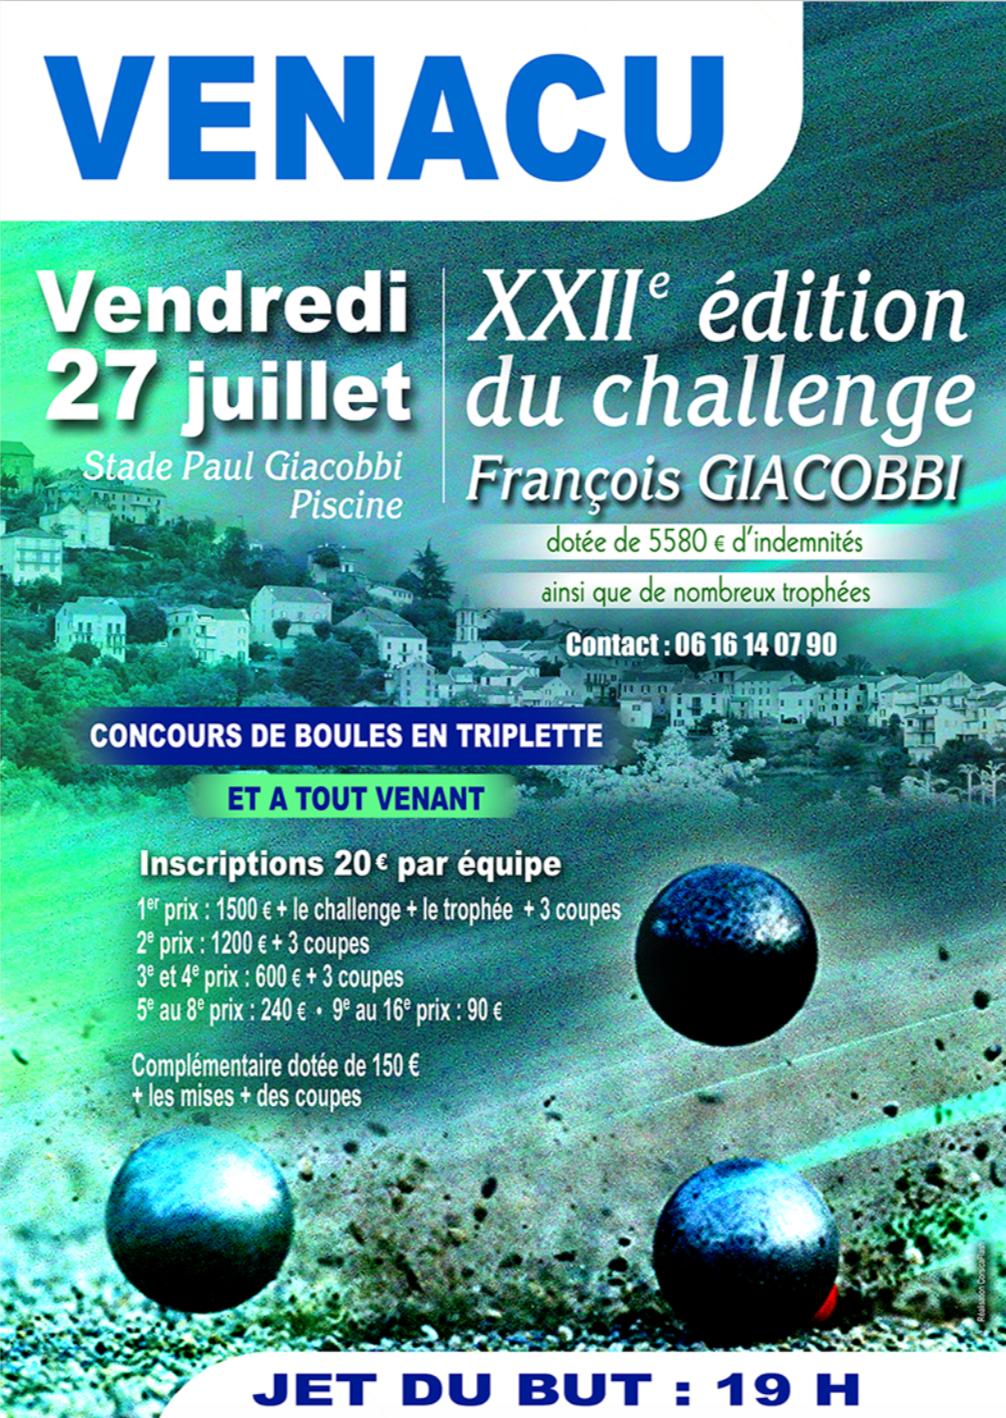 Venacu -Pétanque : La 22ème édition du challenge François Giacobbi aura lieu le 27 juillet